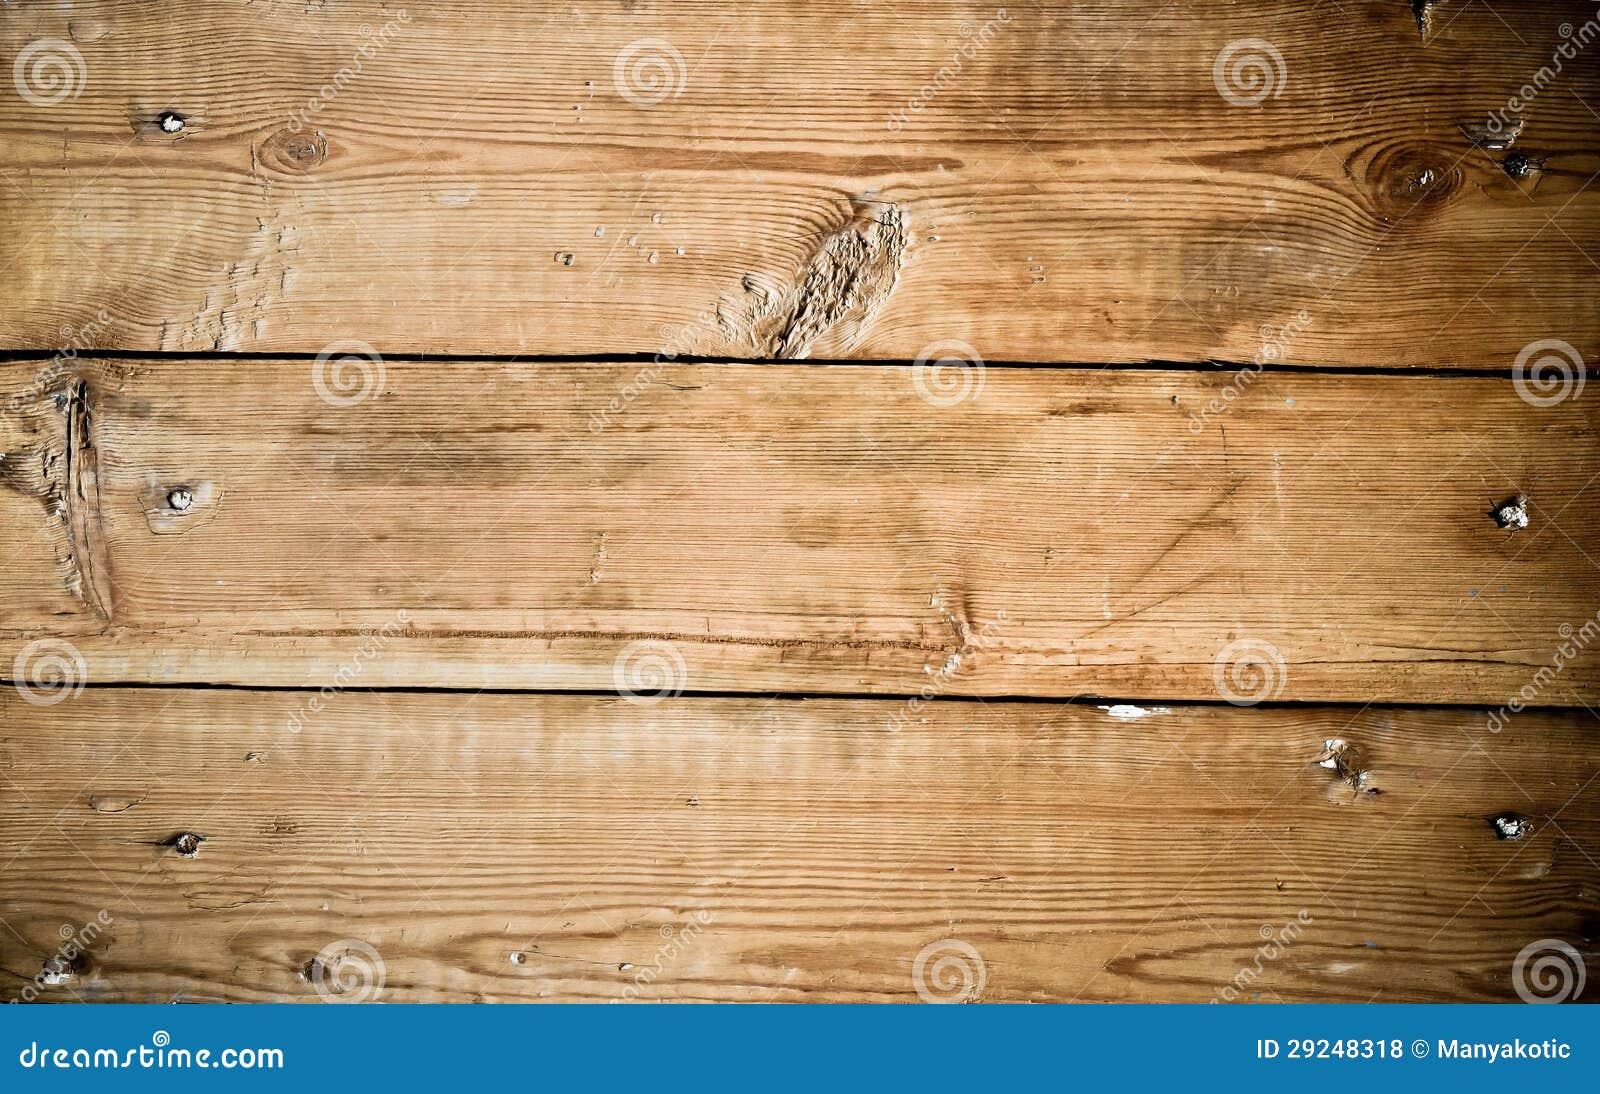 Download Placa de madeira idosa foto de stock. Imagem de furniture - 29248318